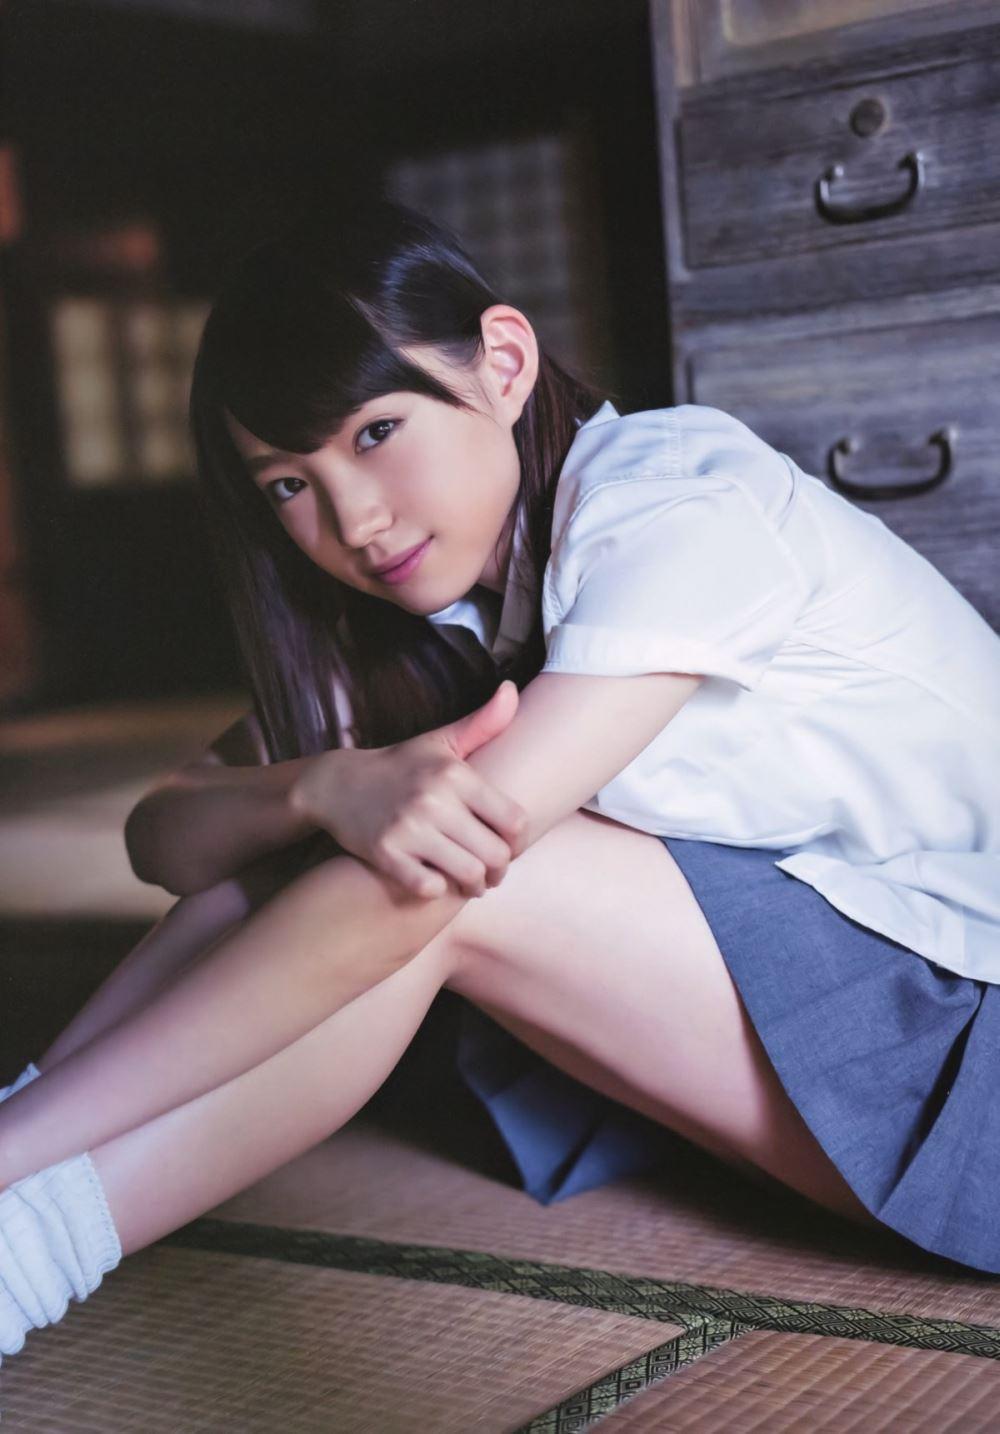 太田夢莉 1万年に1人 可愛い アイドル 水着 画像 33